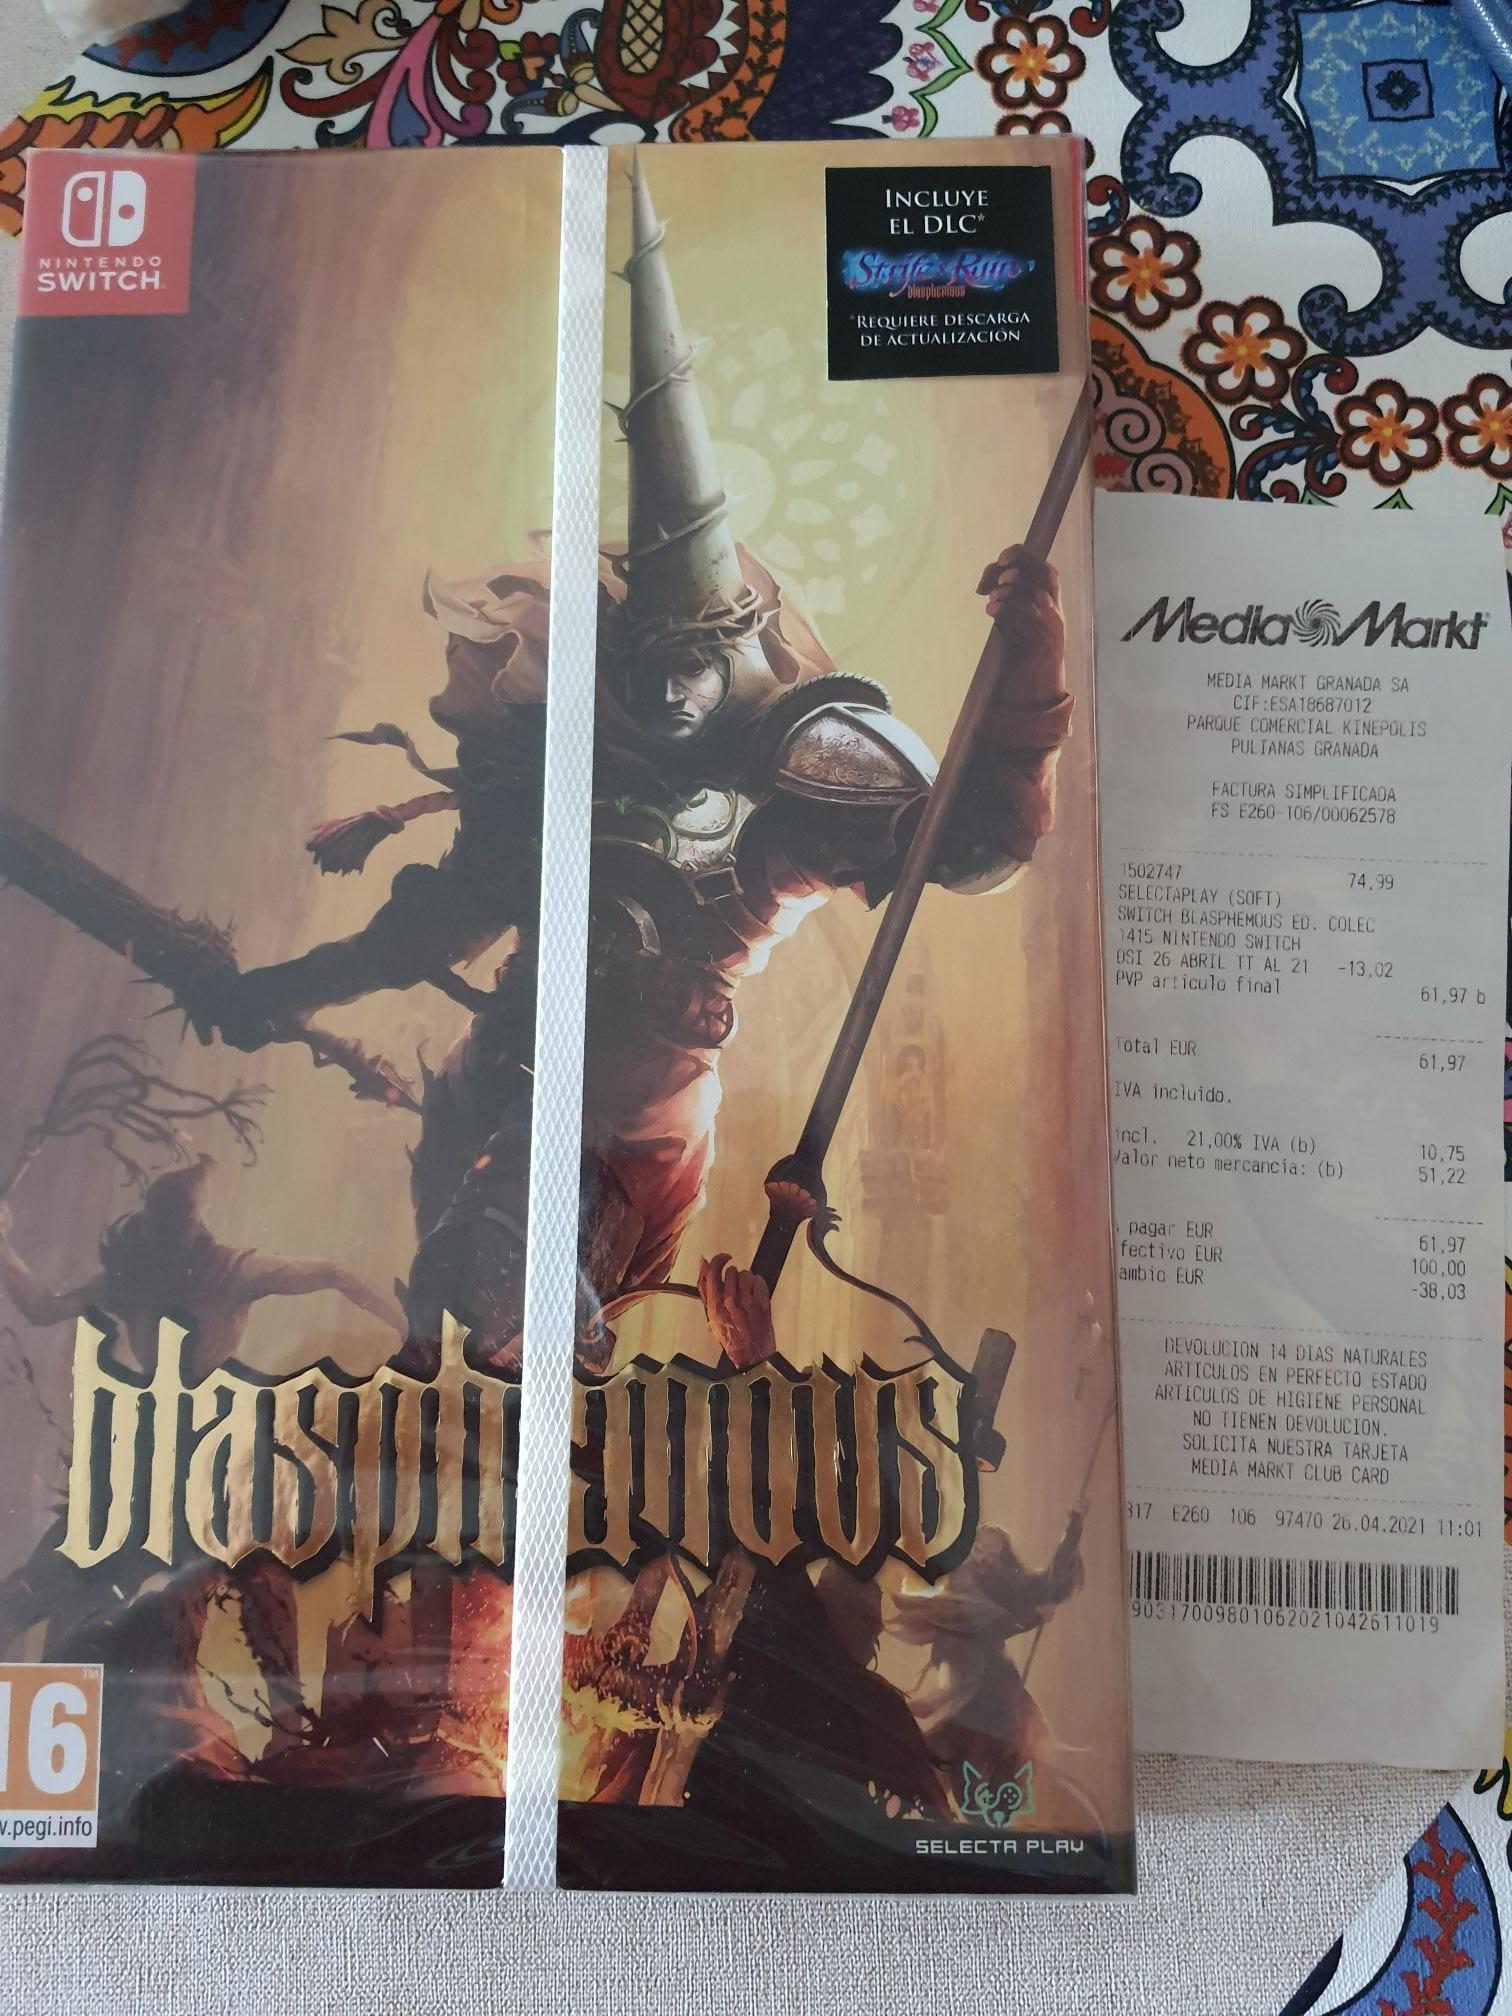 Blasphemus edición coleccionista switch mediamark Granada